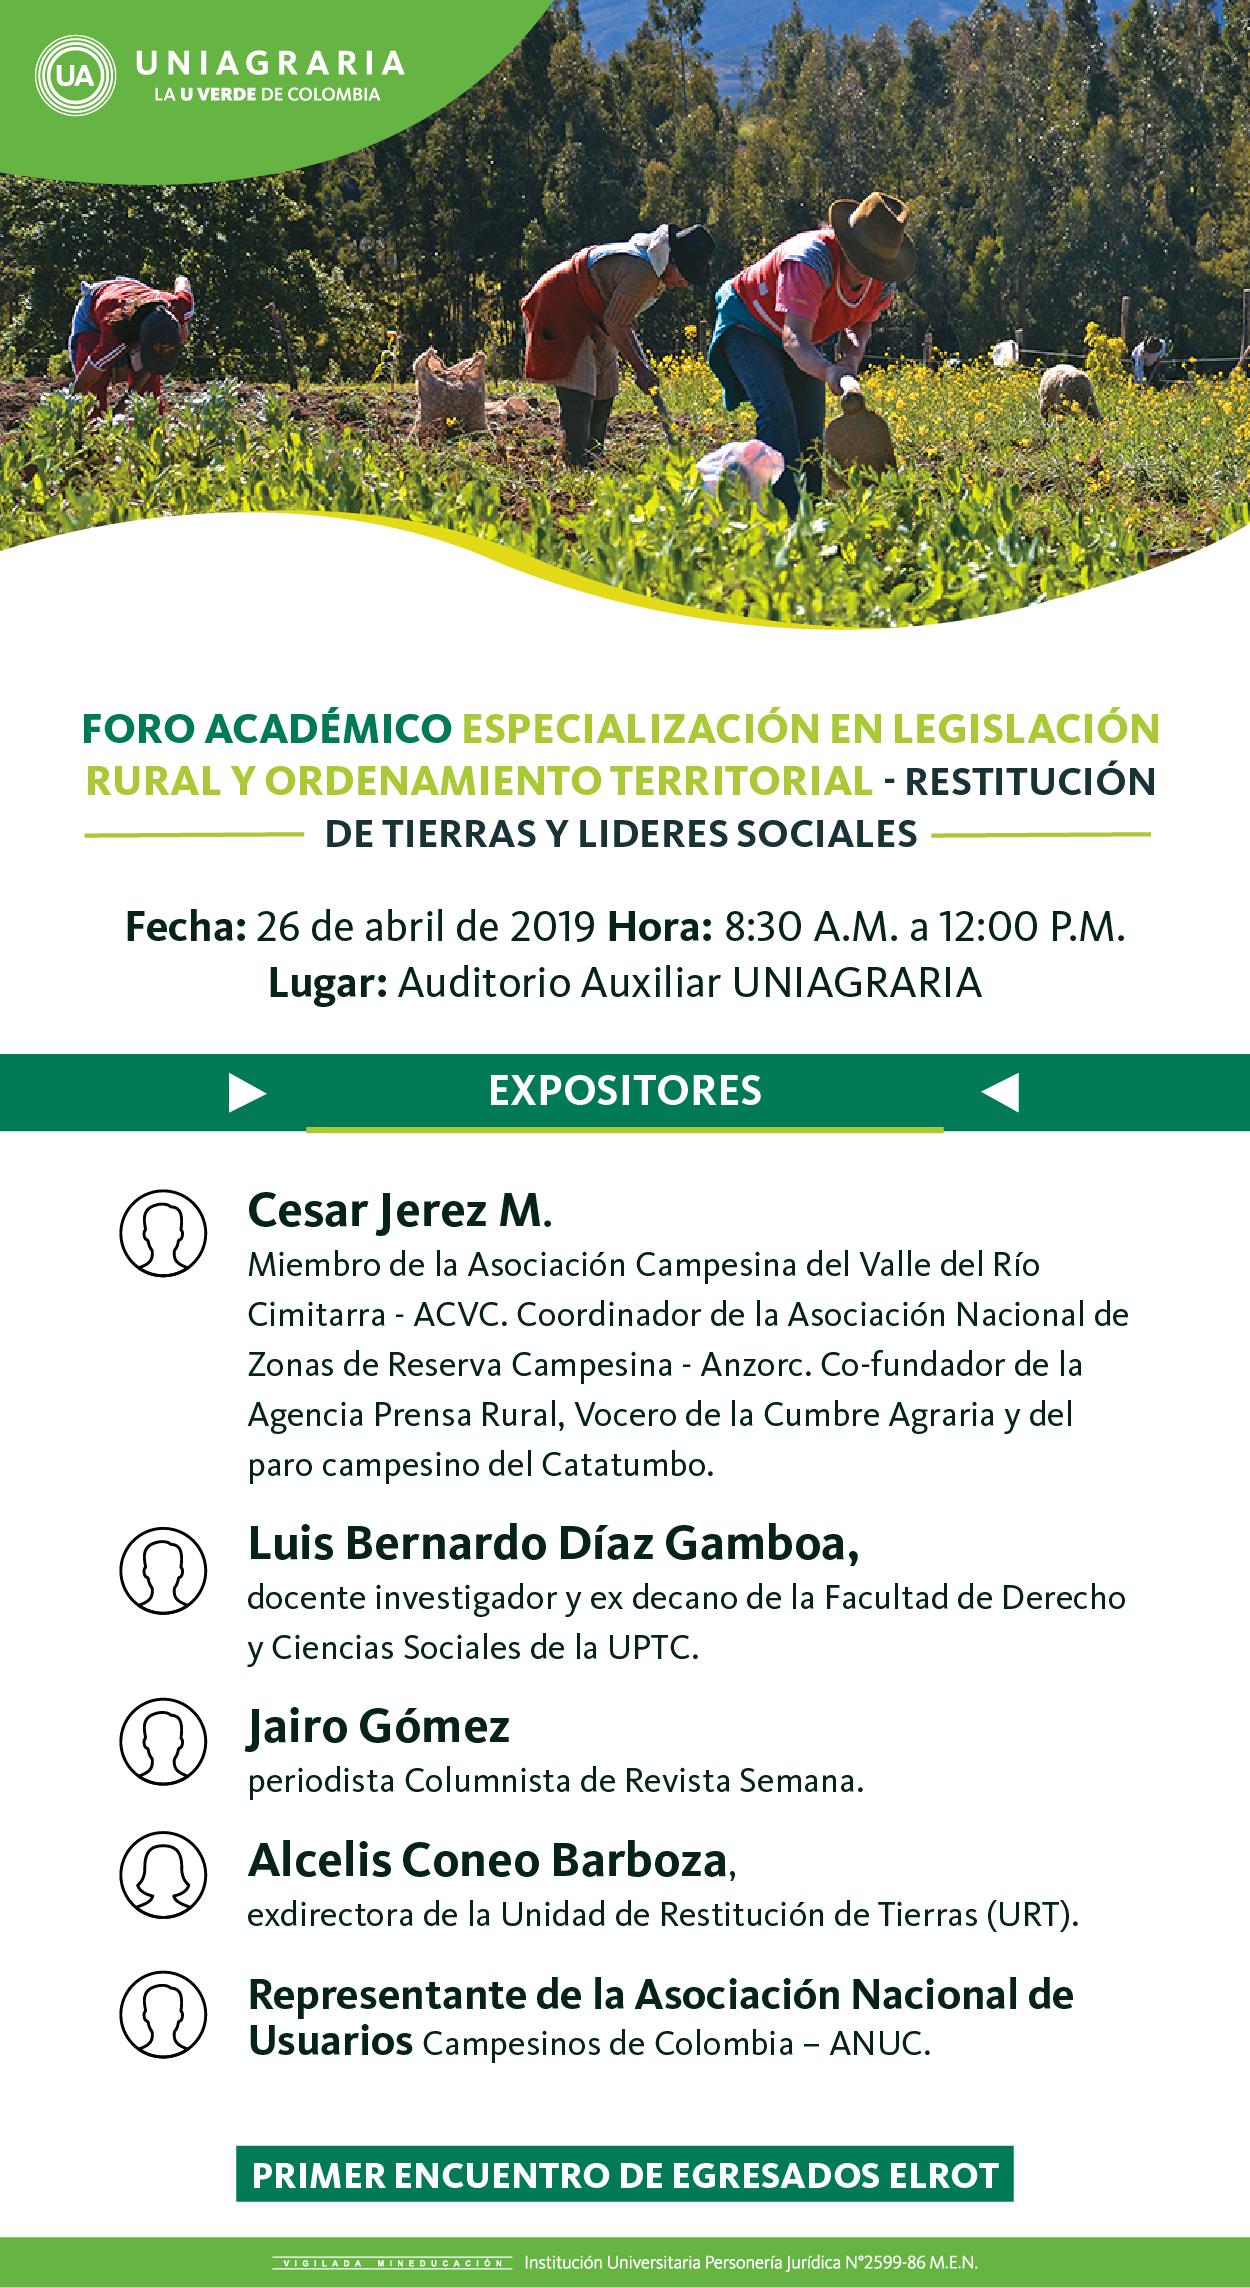 Foro Académico Especialización en Legislación Rural y Ordenamiento Territorial – Restitución de tierras y lideres sociales